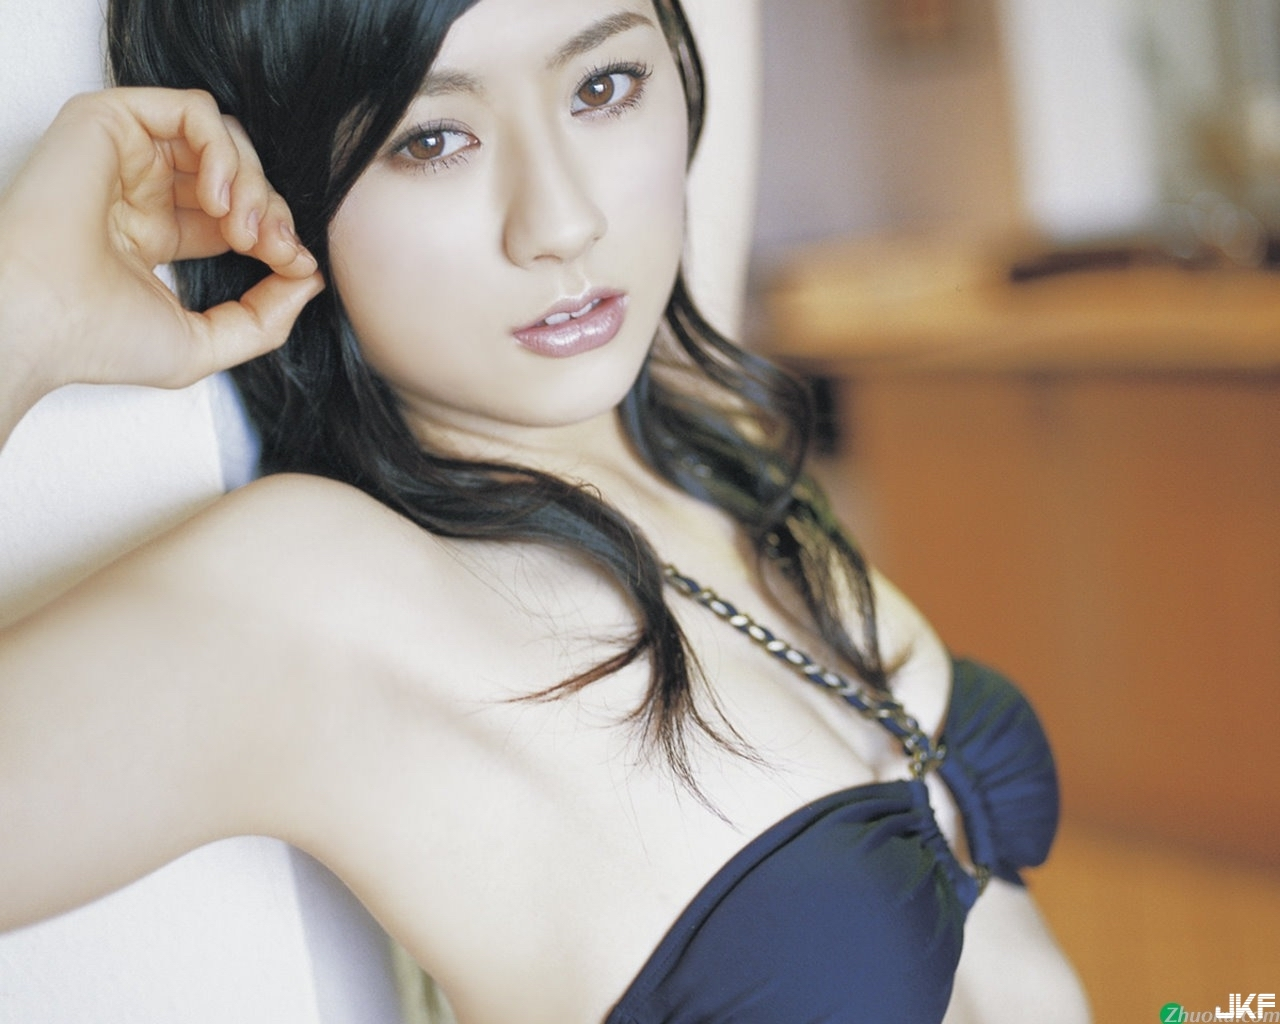 Miki_Inase037.jpg